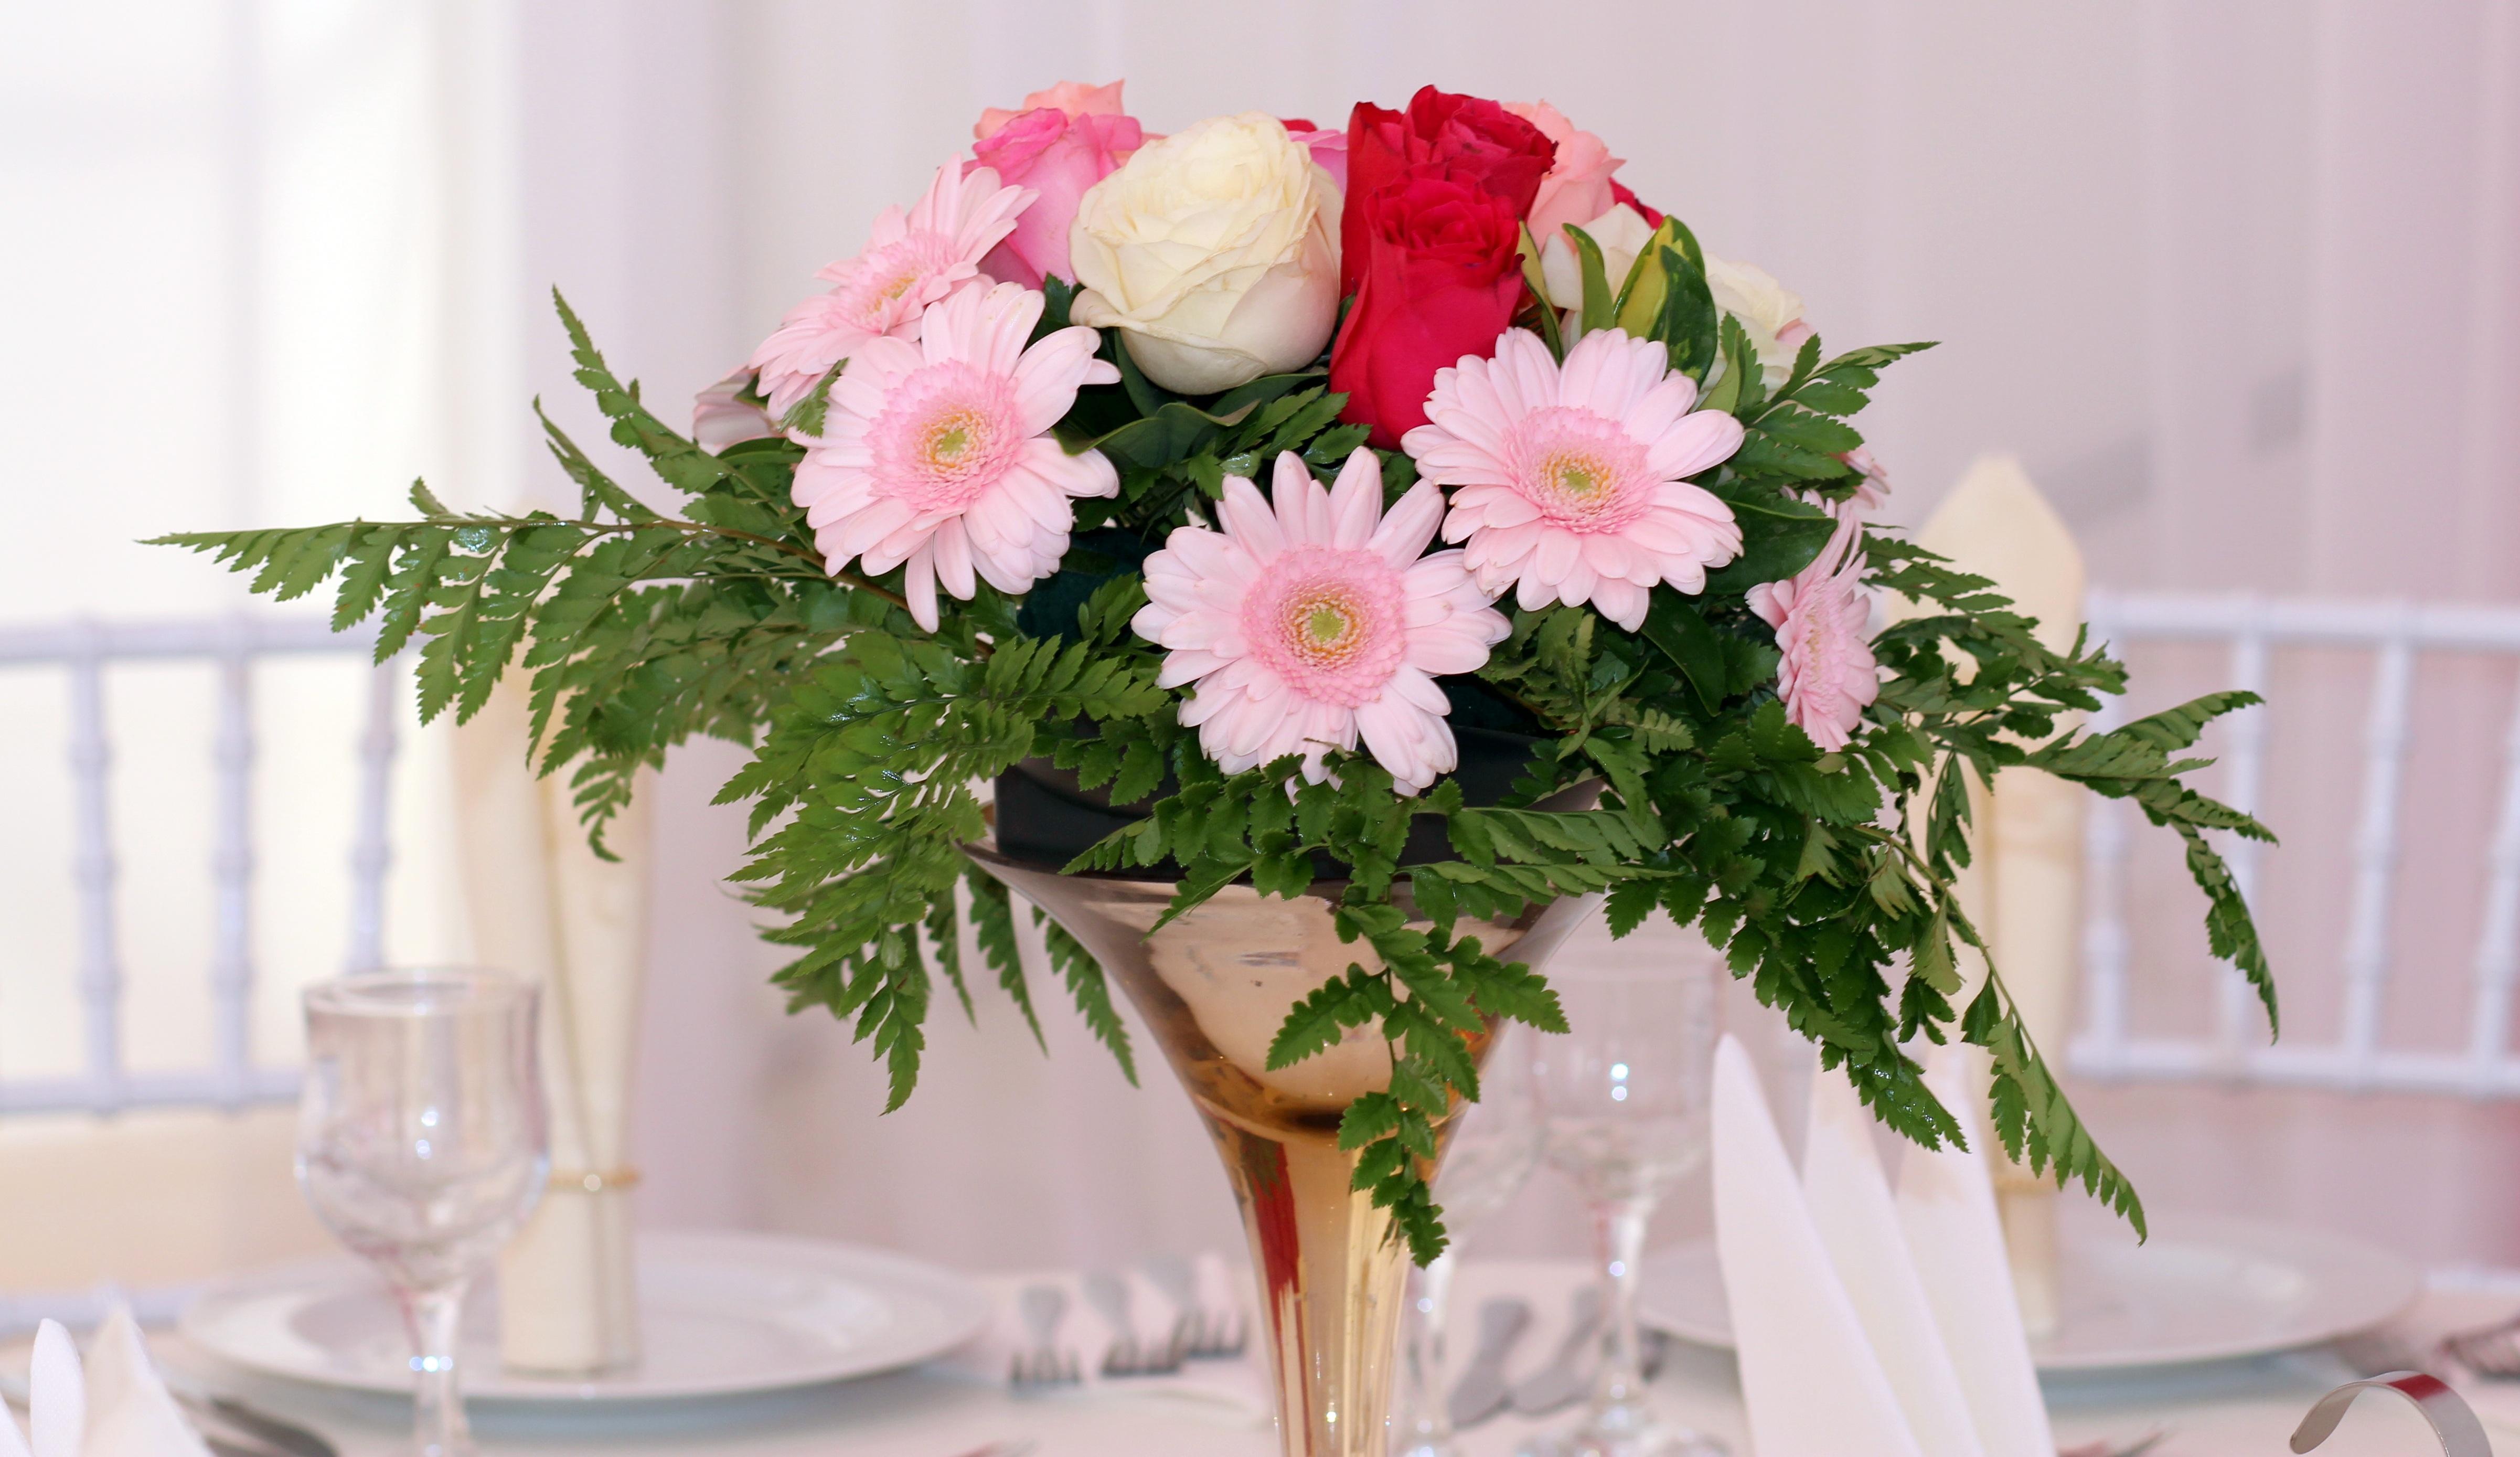 Fotos gratis mesa flor p talo decoraci n rosado - Cortar hierba alta ...